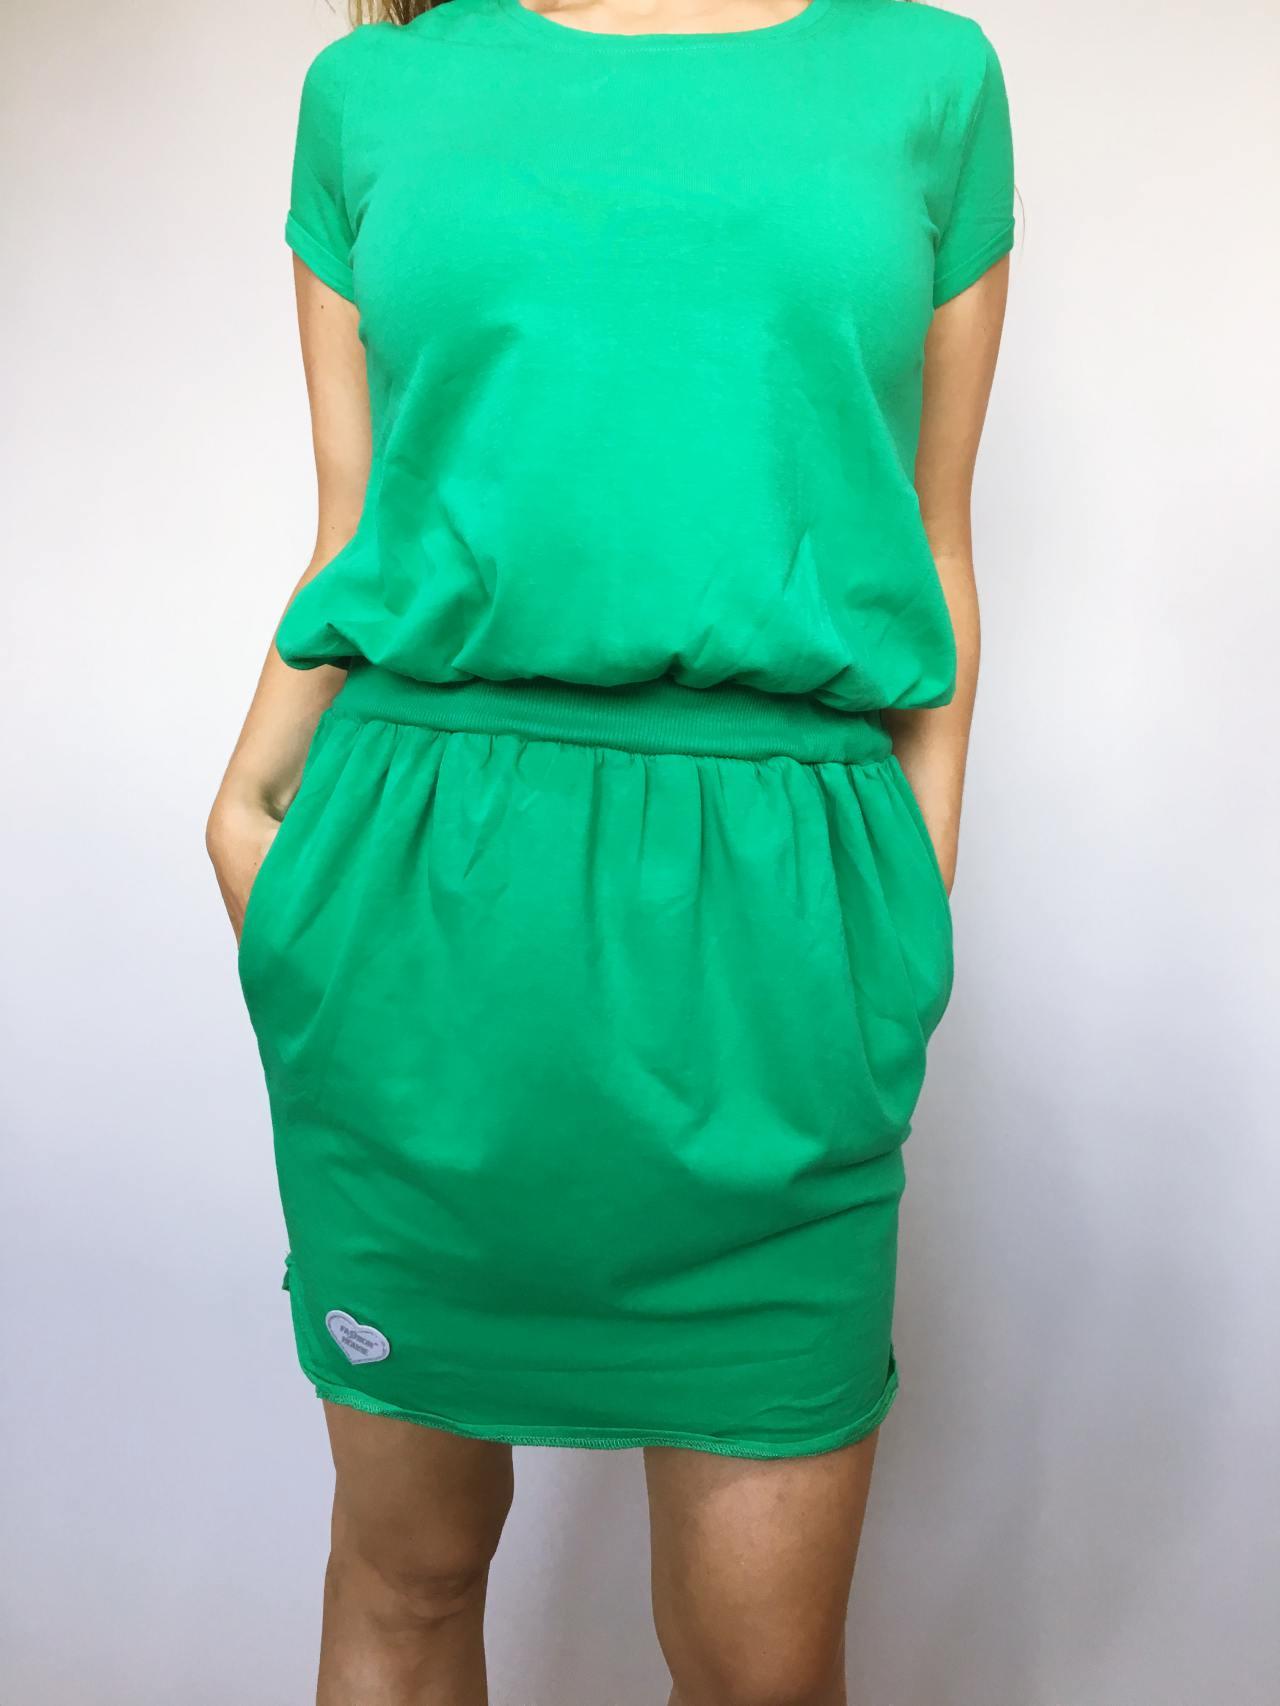 Šaty Carry zelené 02